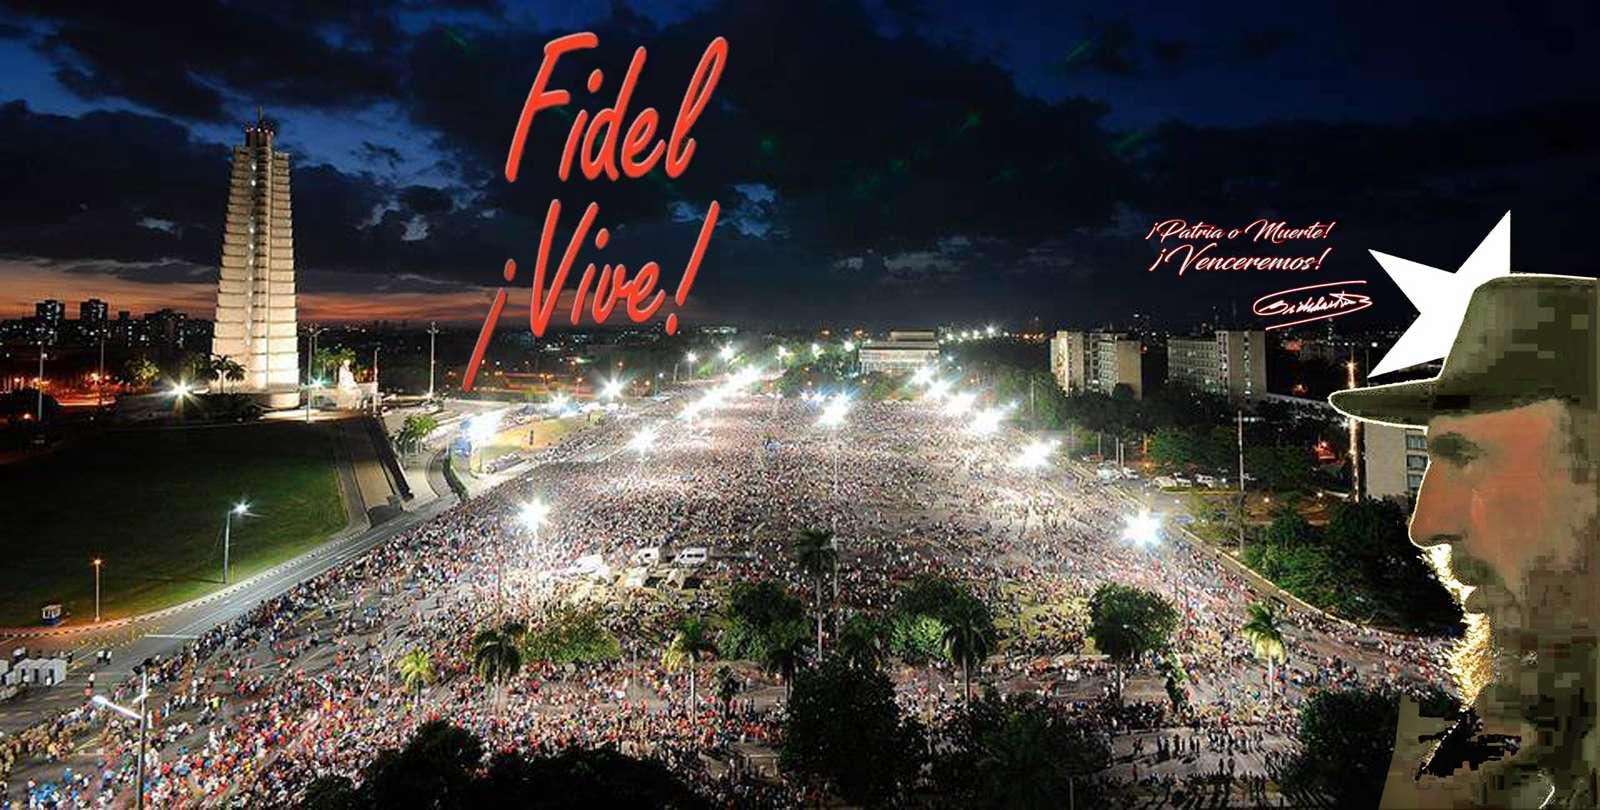 W Fidel